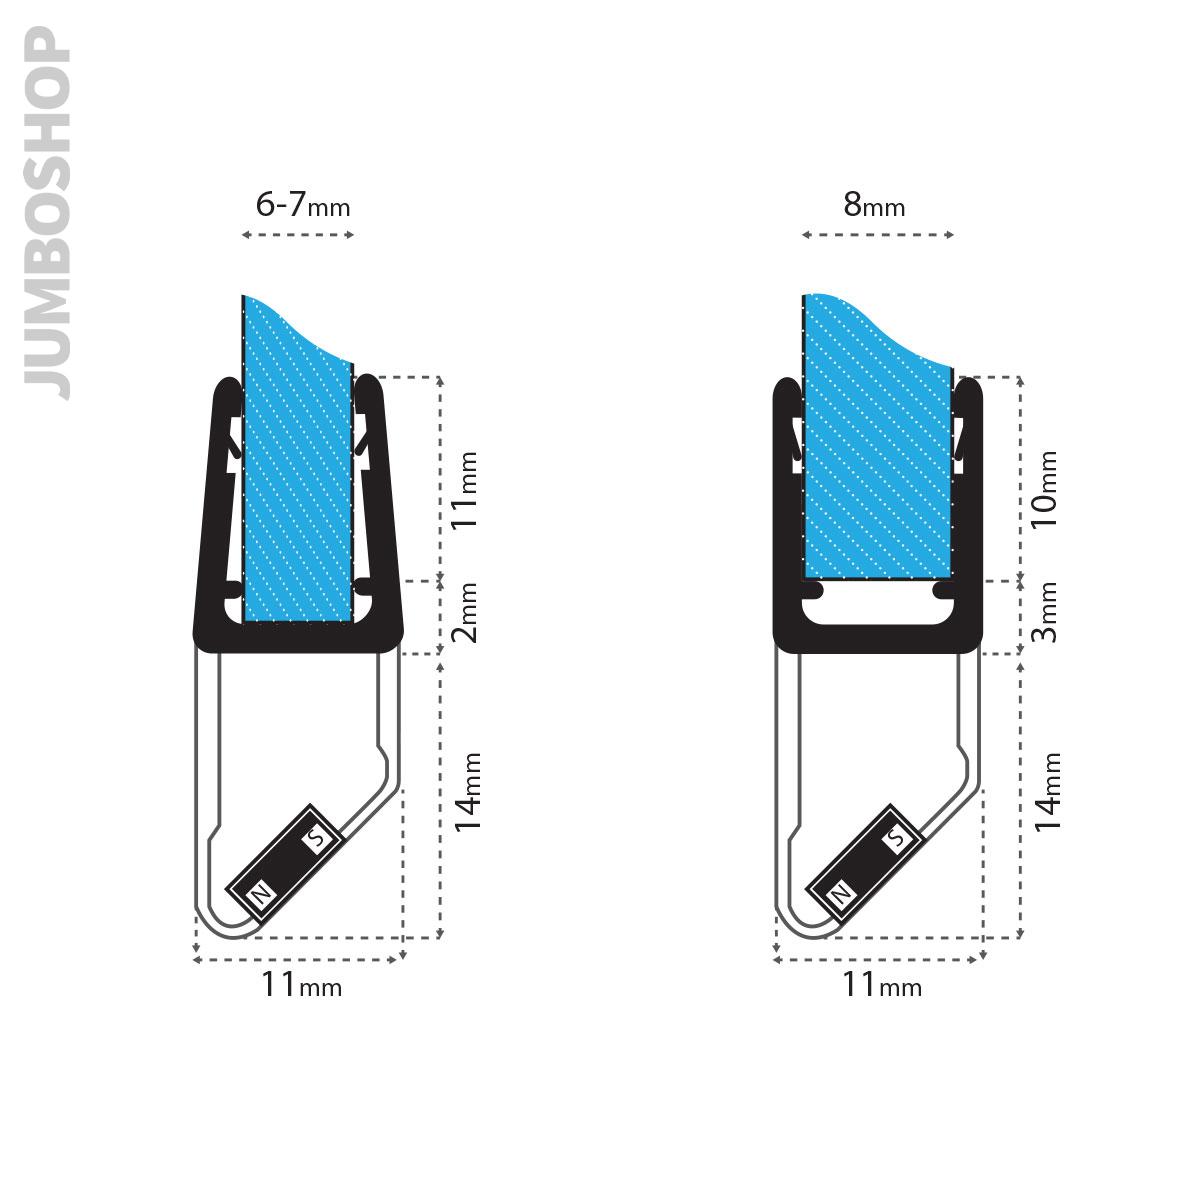 Duschdichtung-gerade-amp-gebogen-Rundbogen-Runddichtung-Runddusche-Wasserabweiser